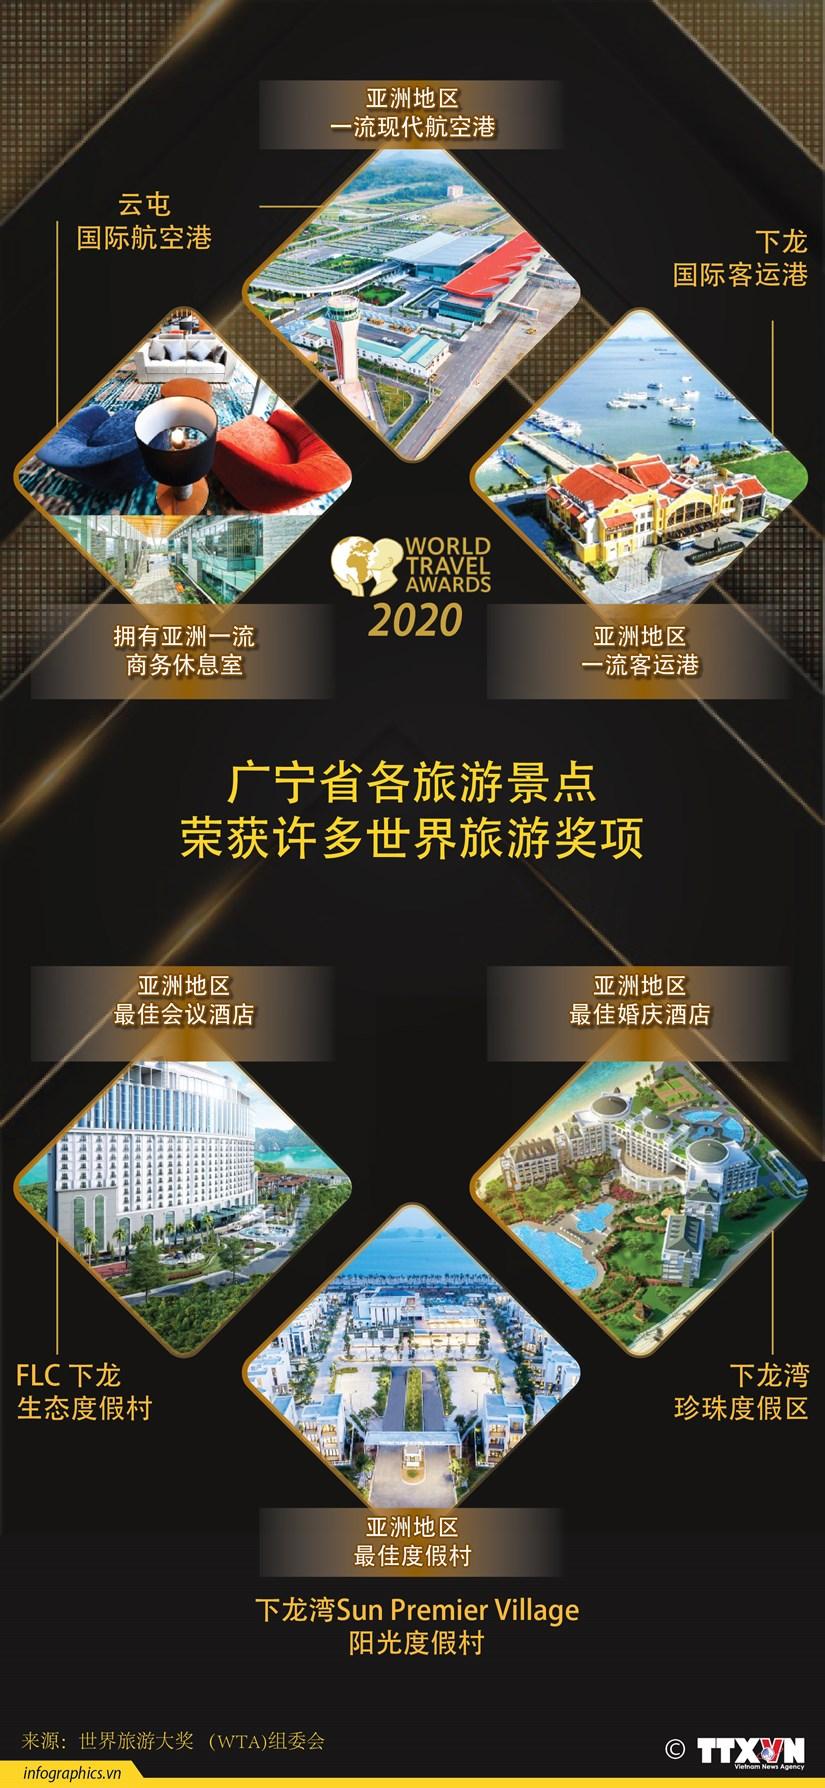 图表新闻:广宁省各旅游景点荣获许多世界旅游奖项 hinh anh 1